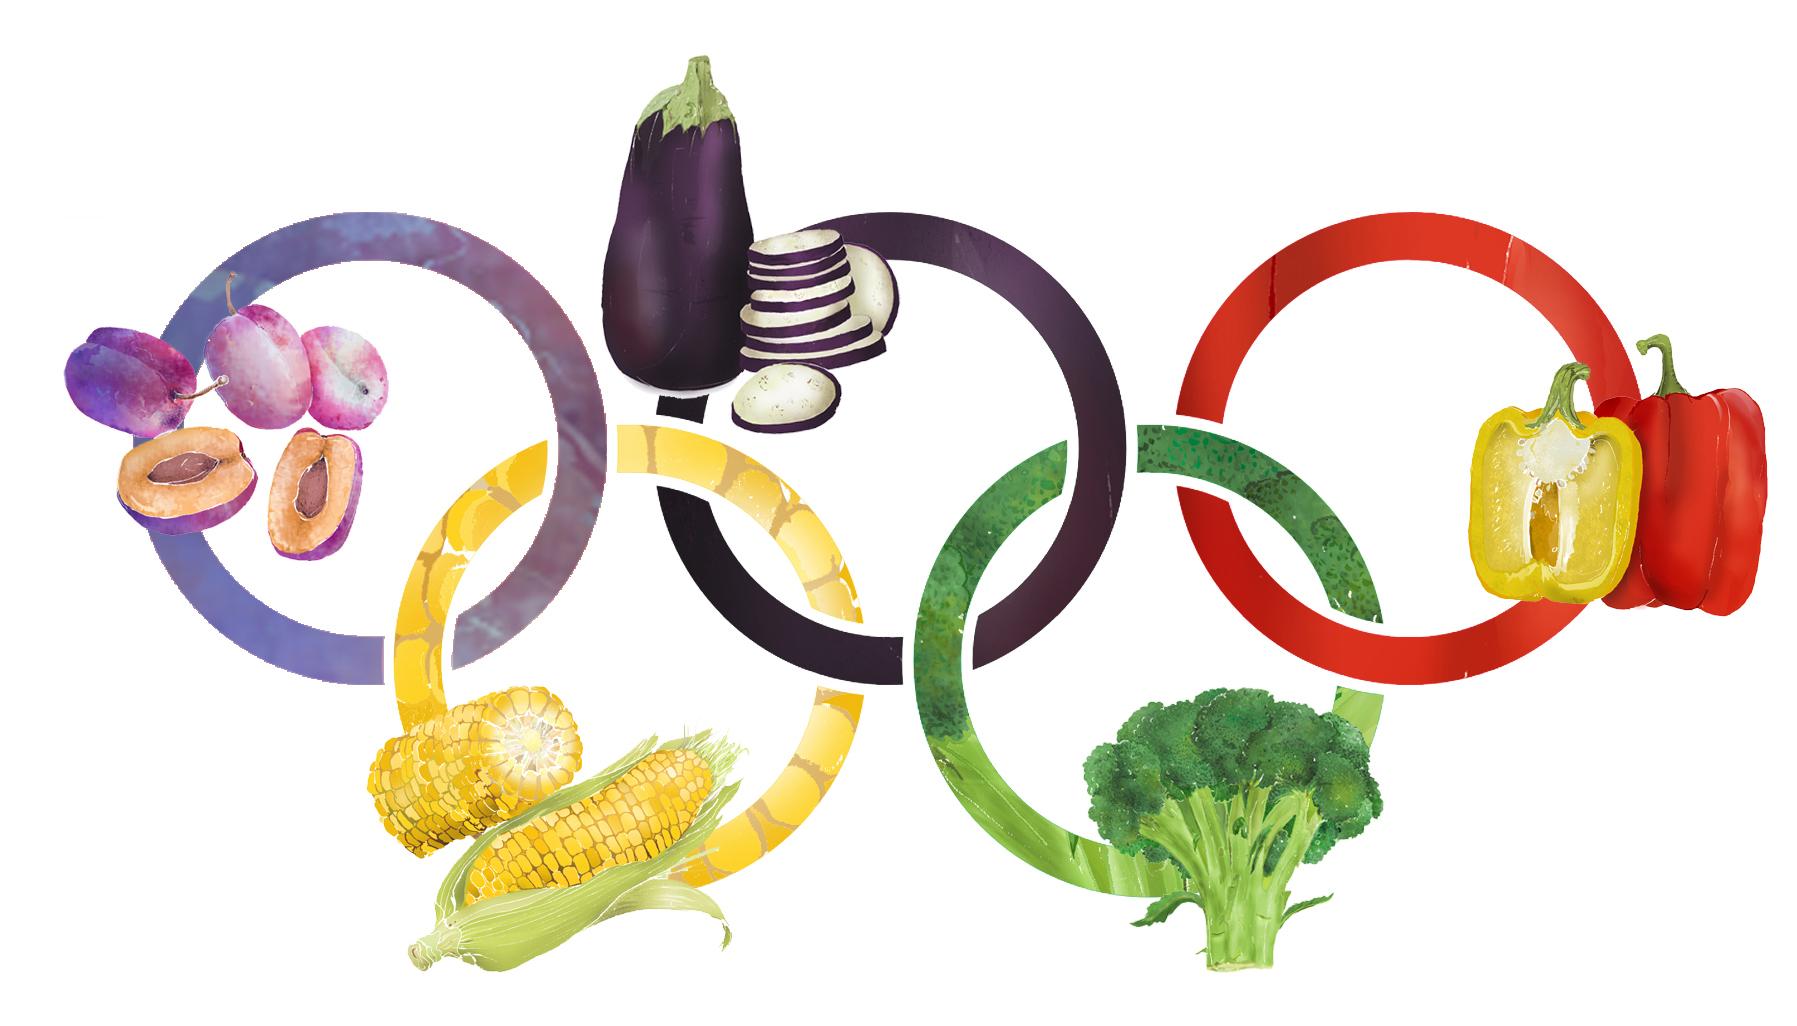 Olympic_Rings-veg.jpg